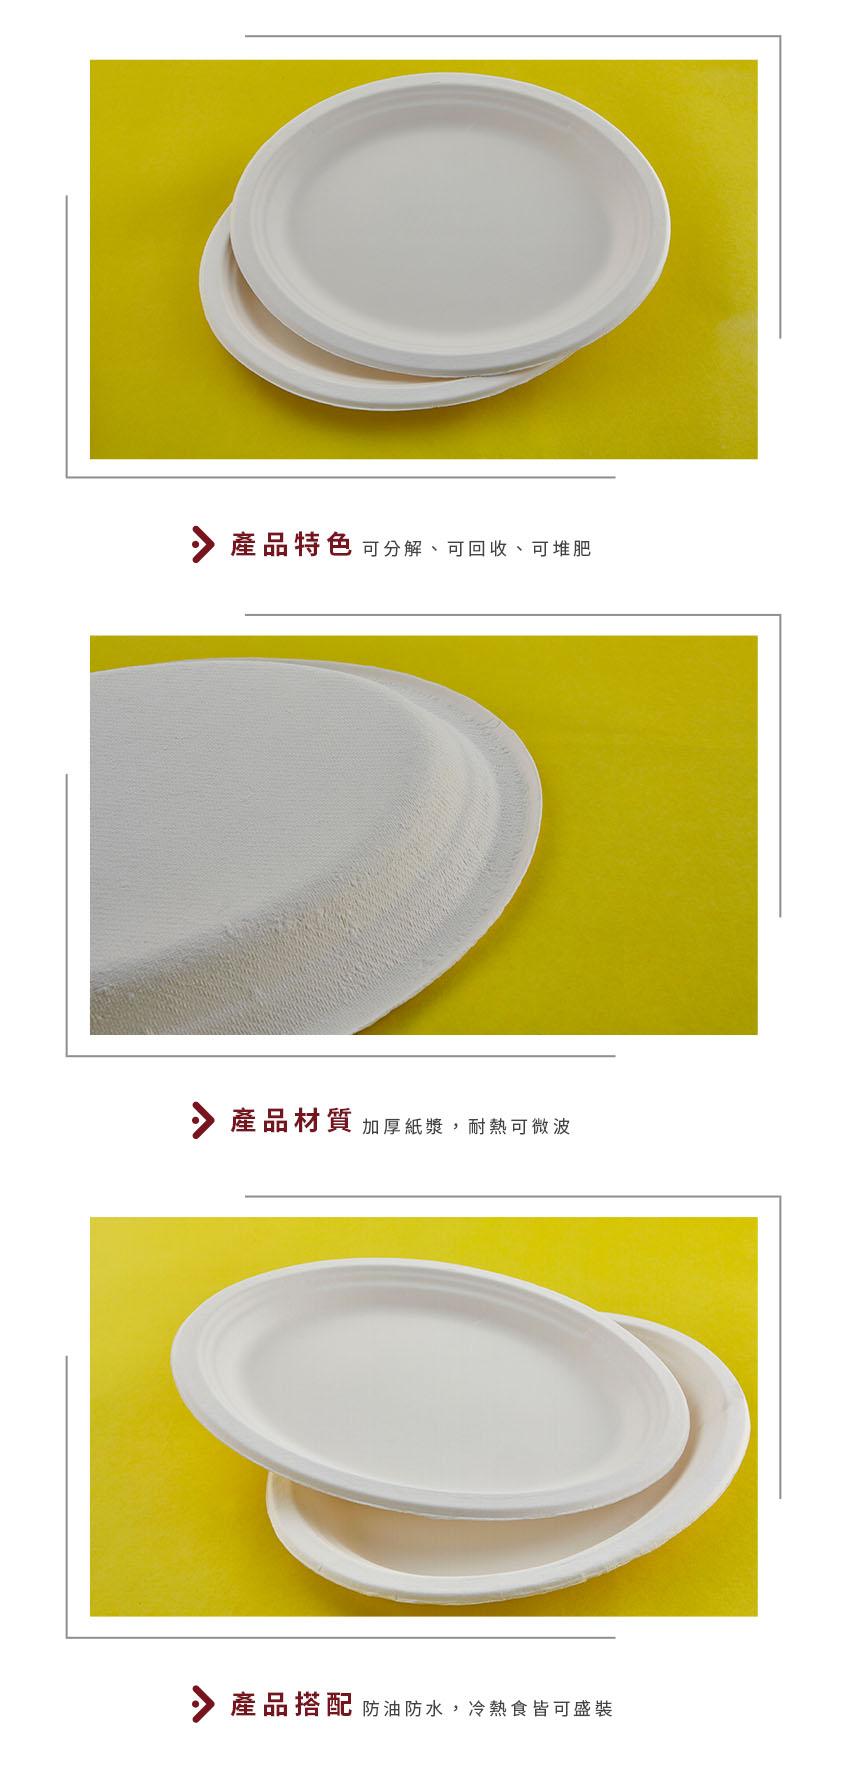 【紙漿盤 - 橢圓盤 10*8吋 (中)】190*255*20mm 白色 橢圓盤 免洗盤 紙盤 餐盤 免洗餐具